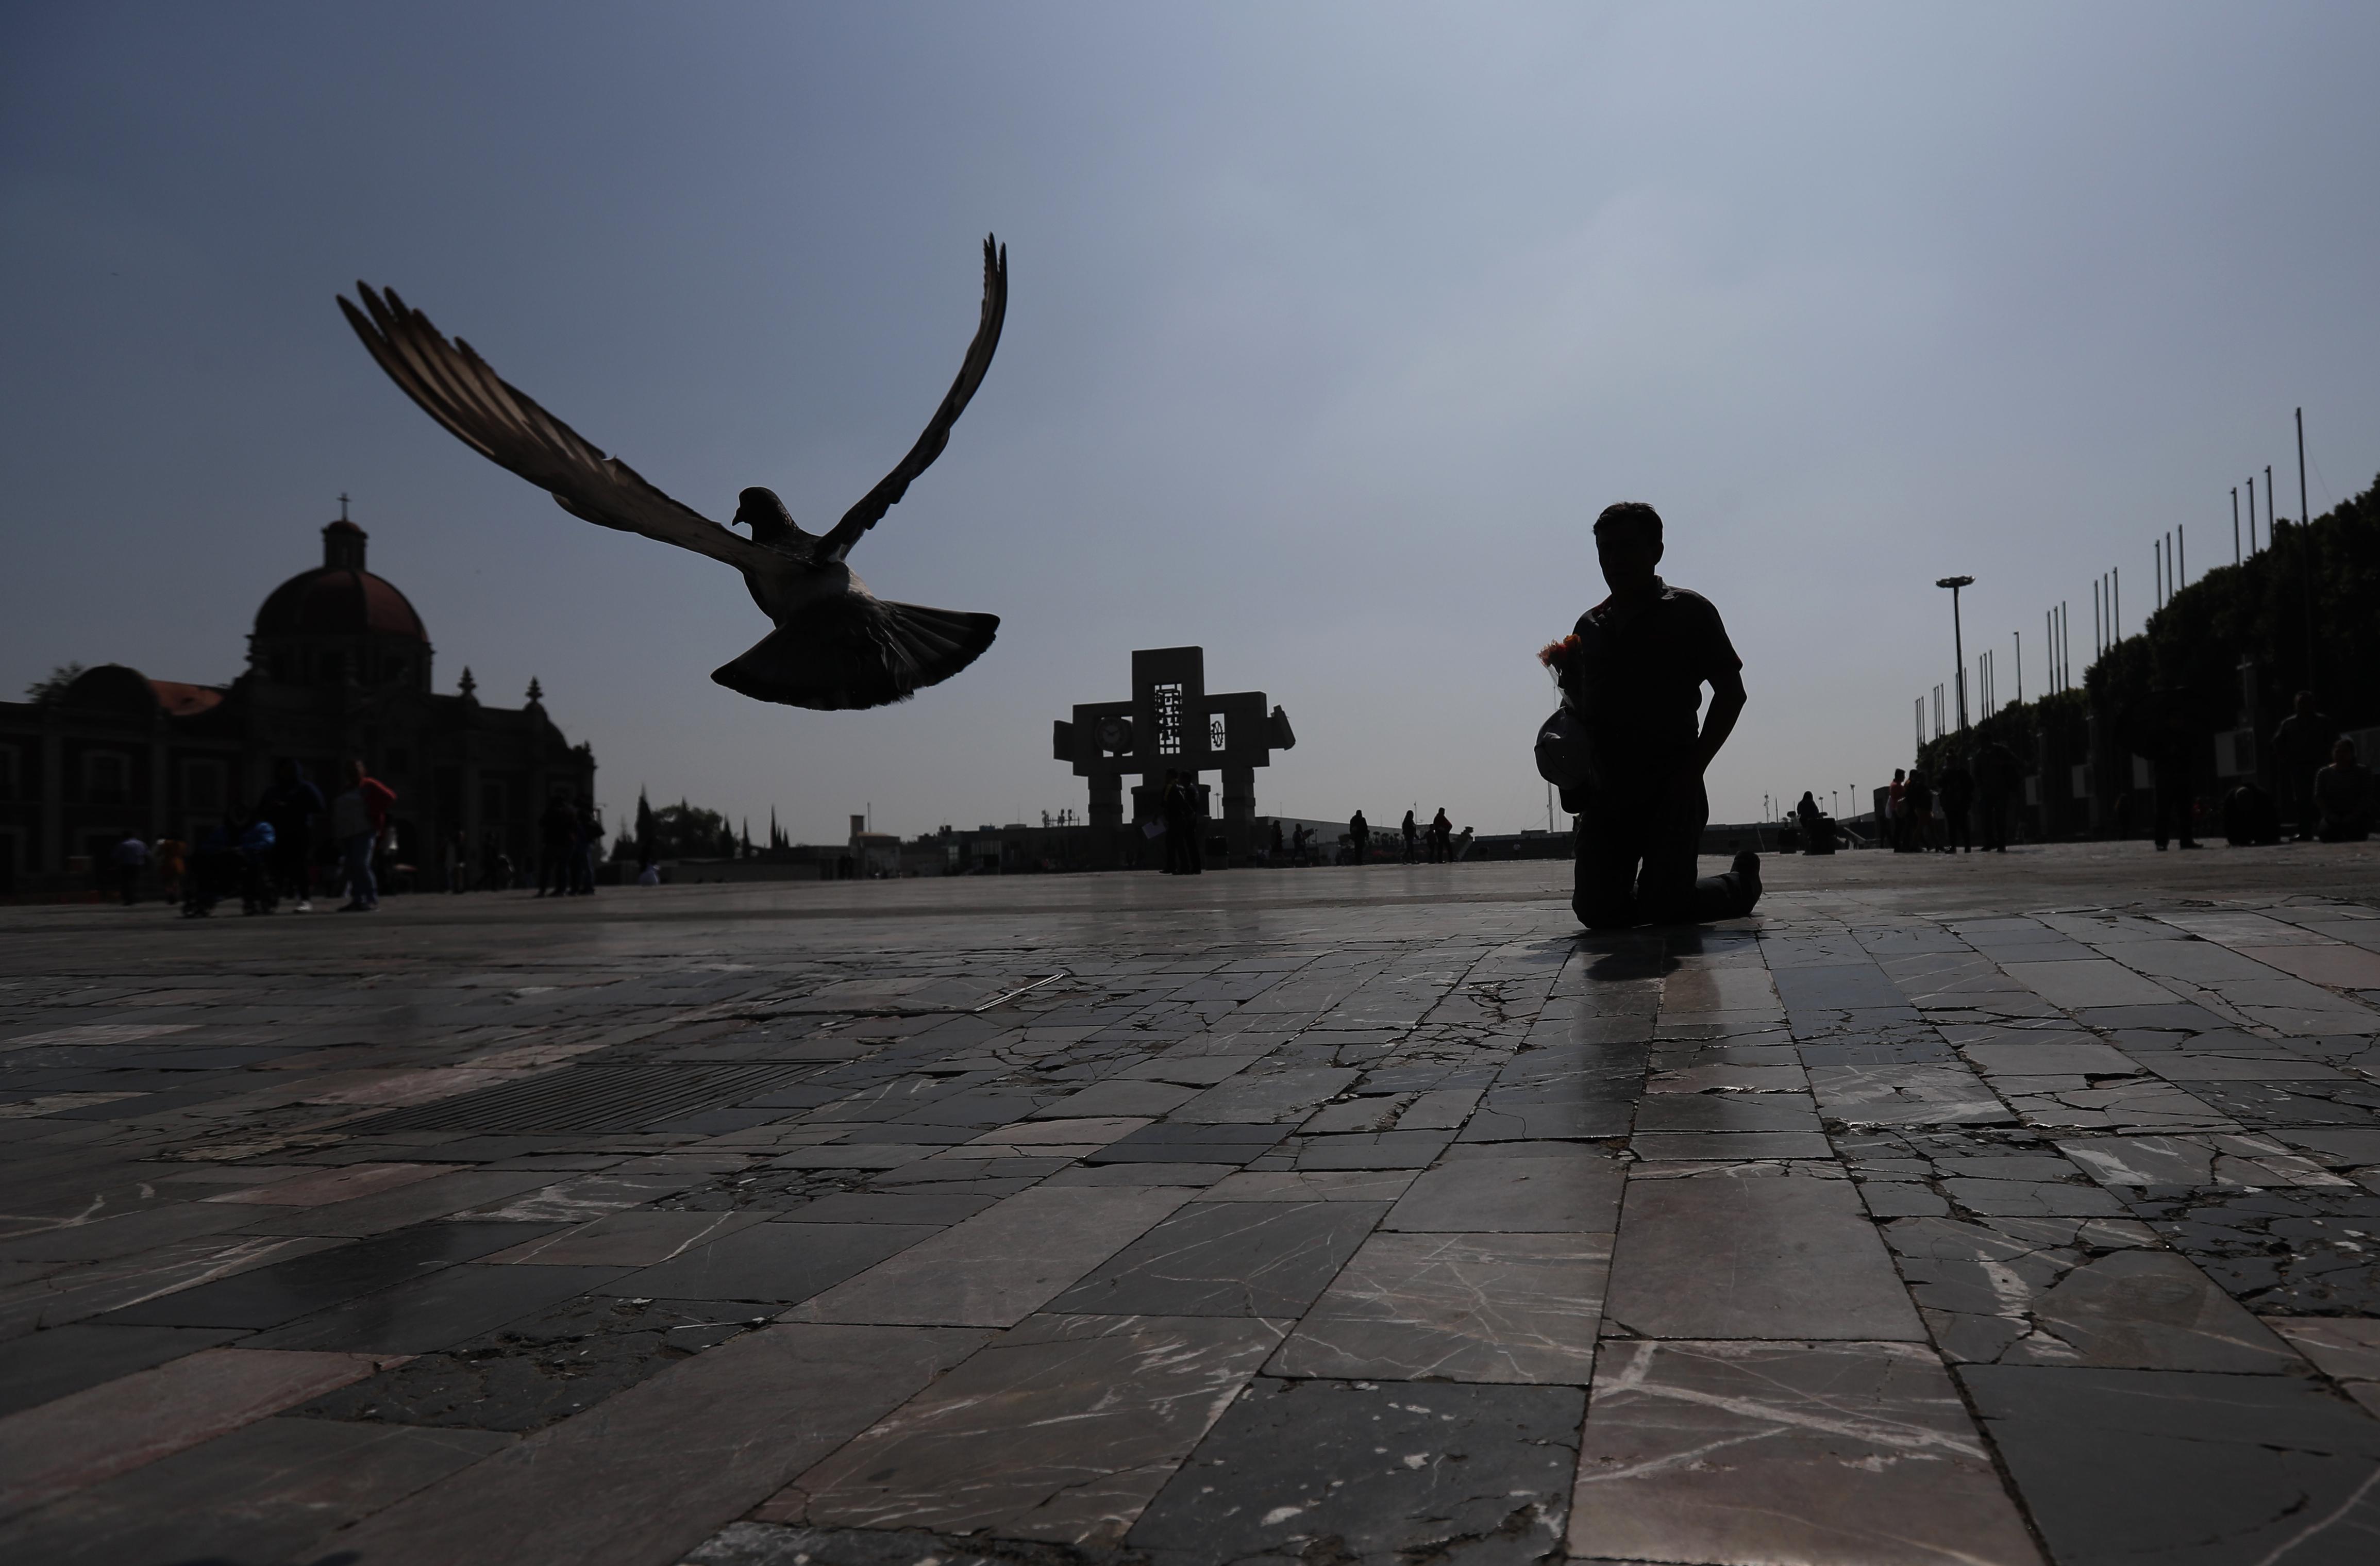 Una paloma vuela cuando un peregrino llega en penitencia a la Basílica de Guadalupe en la Ciudad de México, el domingo 22 de marzo de 2020.